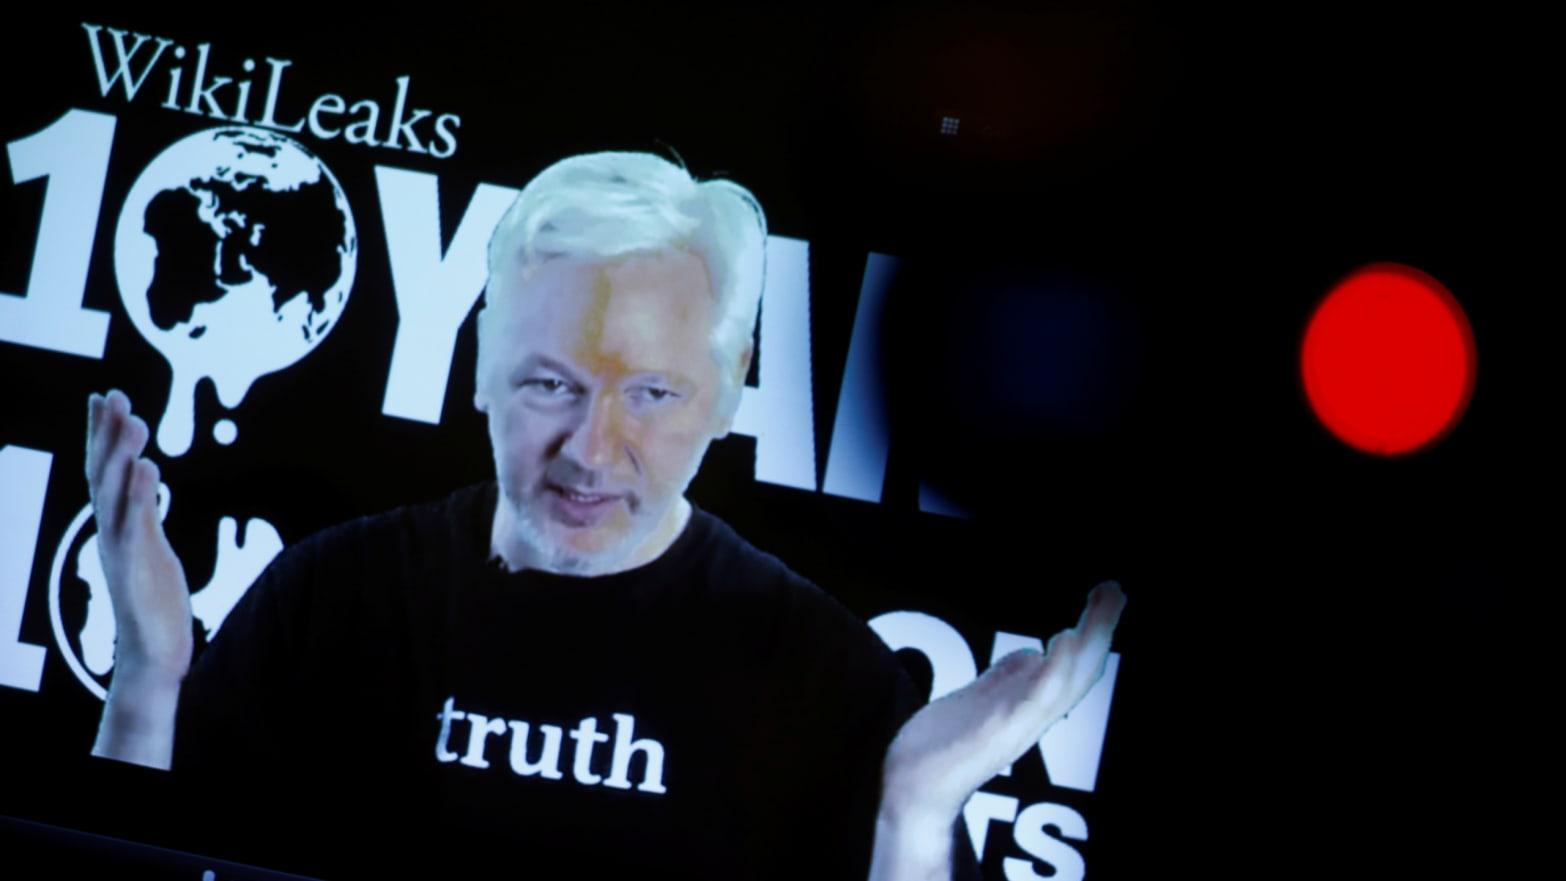 wikileaks darknet gydra